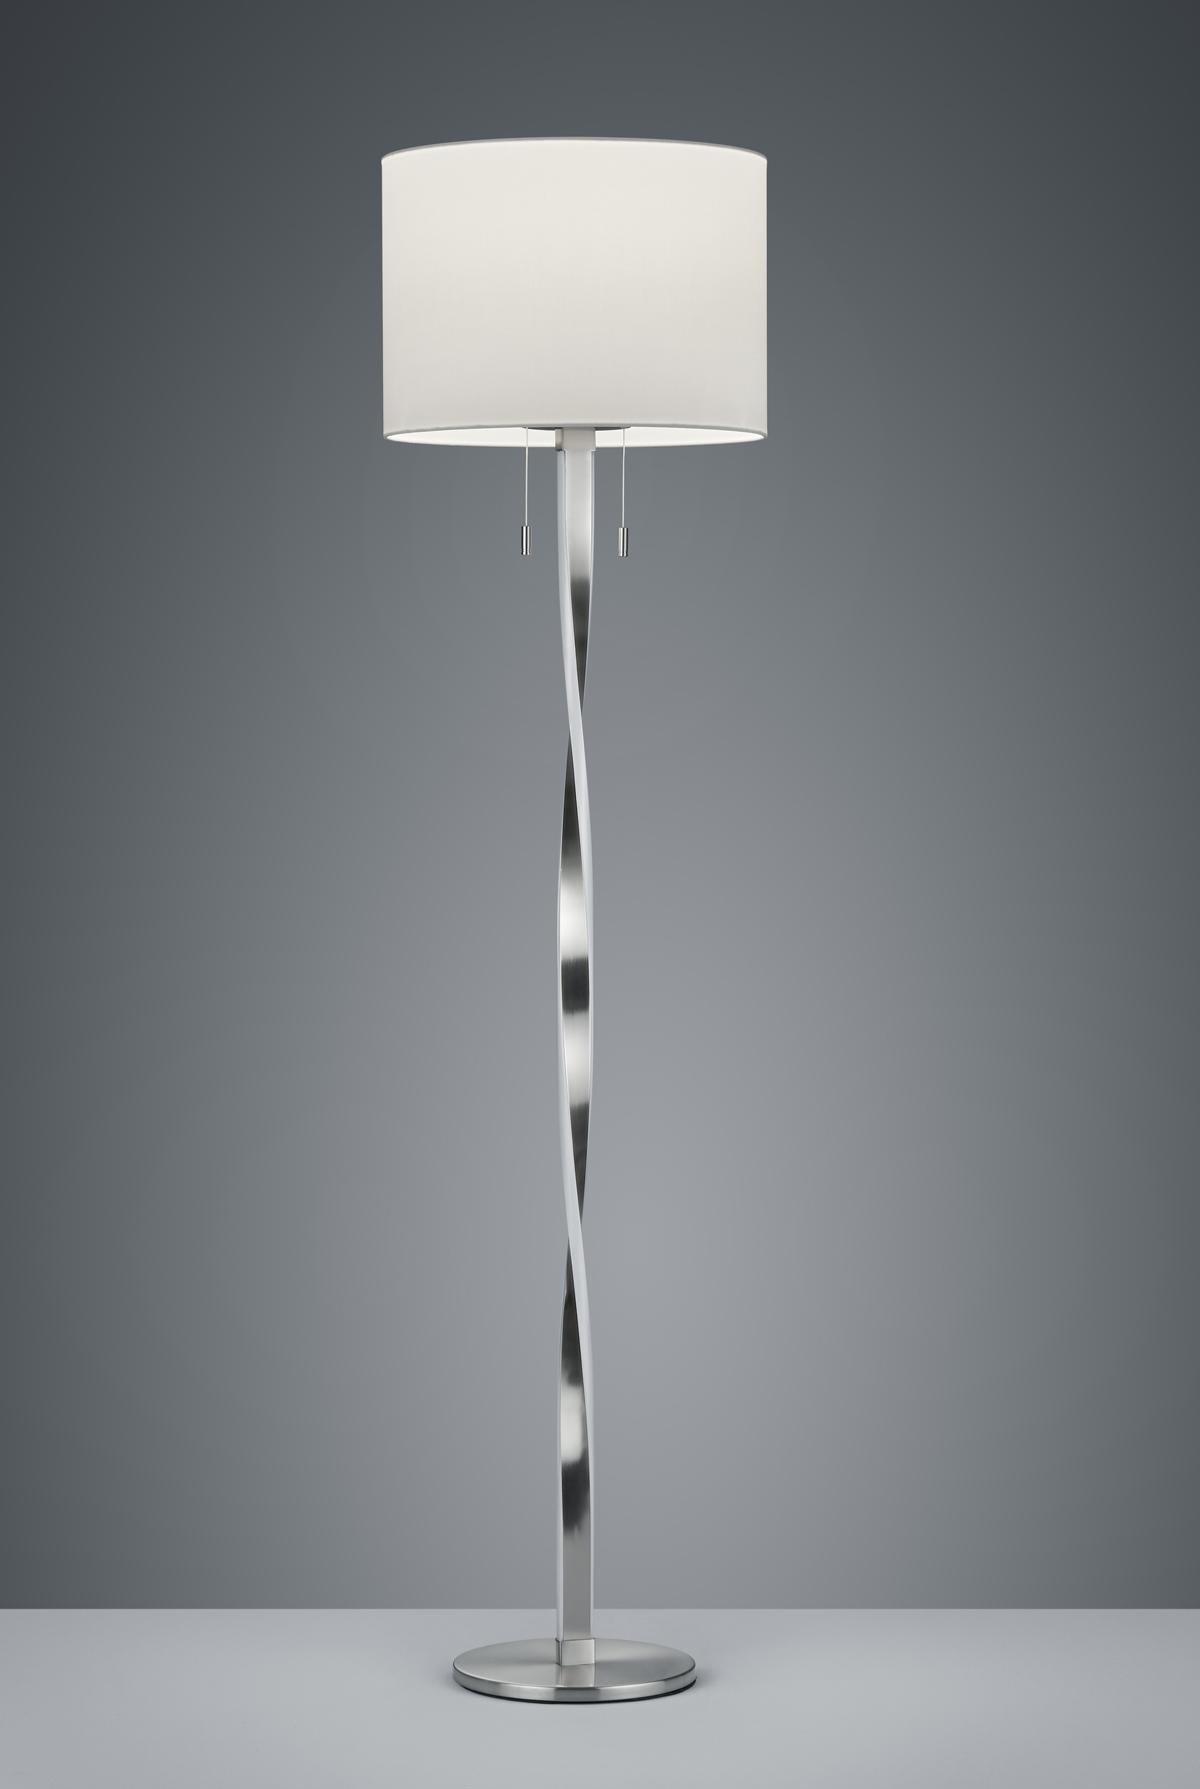 Lampadaire Design metale & tissu, Nickel Mat, SMD LED, 7W · 2x 600lm, 3000K, sans ampoule